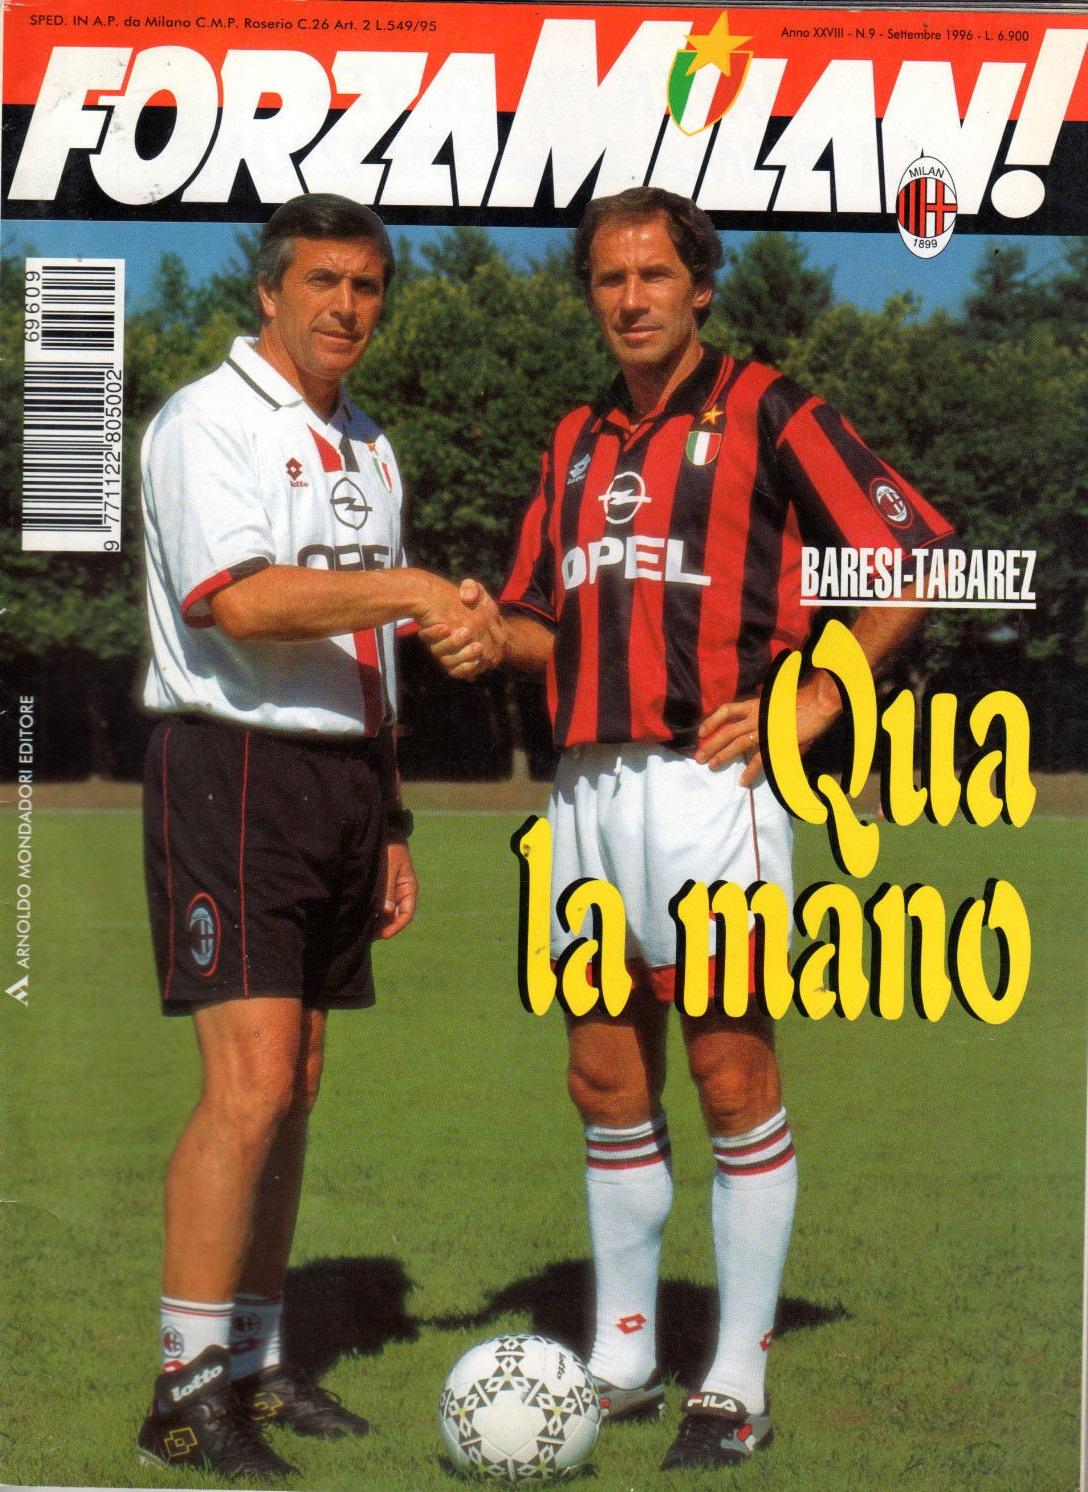 Υπήρξε θαυμαστής του Baresi, πριν τον συναντήσει στο Μιλάνο και γίνουν εξώφυλλο στο Forza Milan.